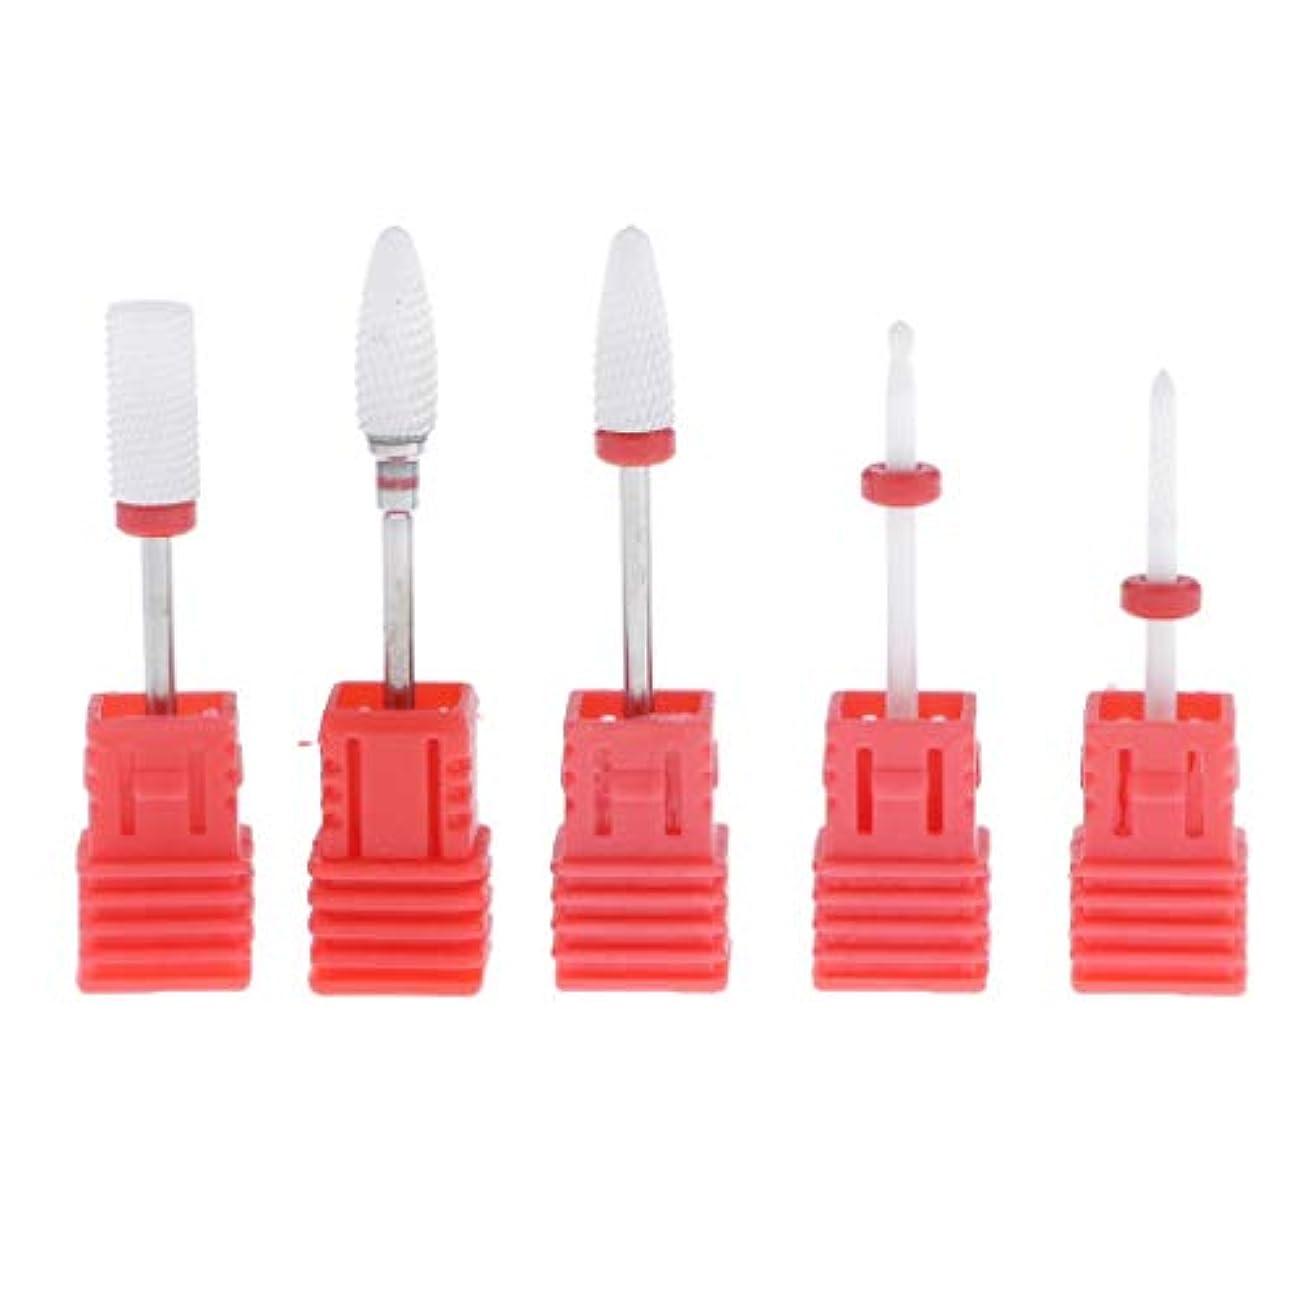 マーカー錆びドラッグCUTICATE 5個入り 陶磁器ドリルビット ネイルドリルビット ロータリーファイル 研削ネイル 切削工具 高硬度